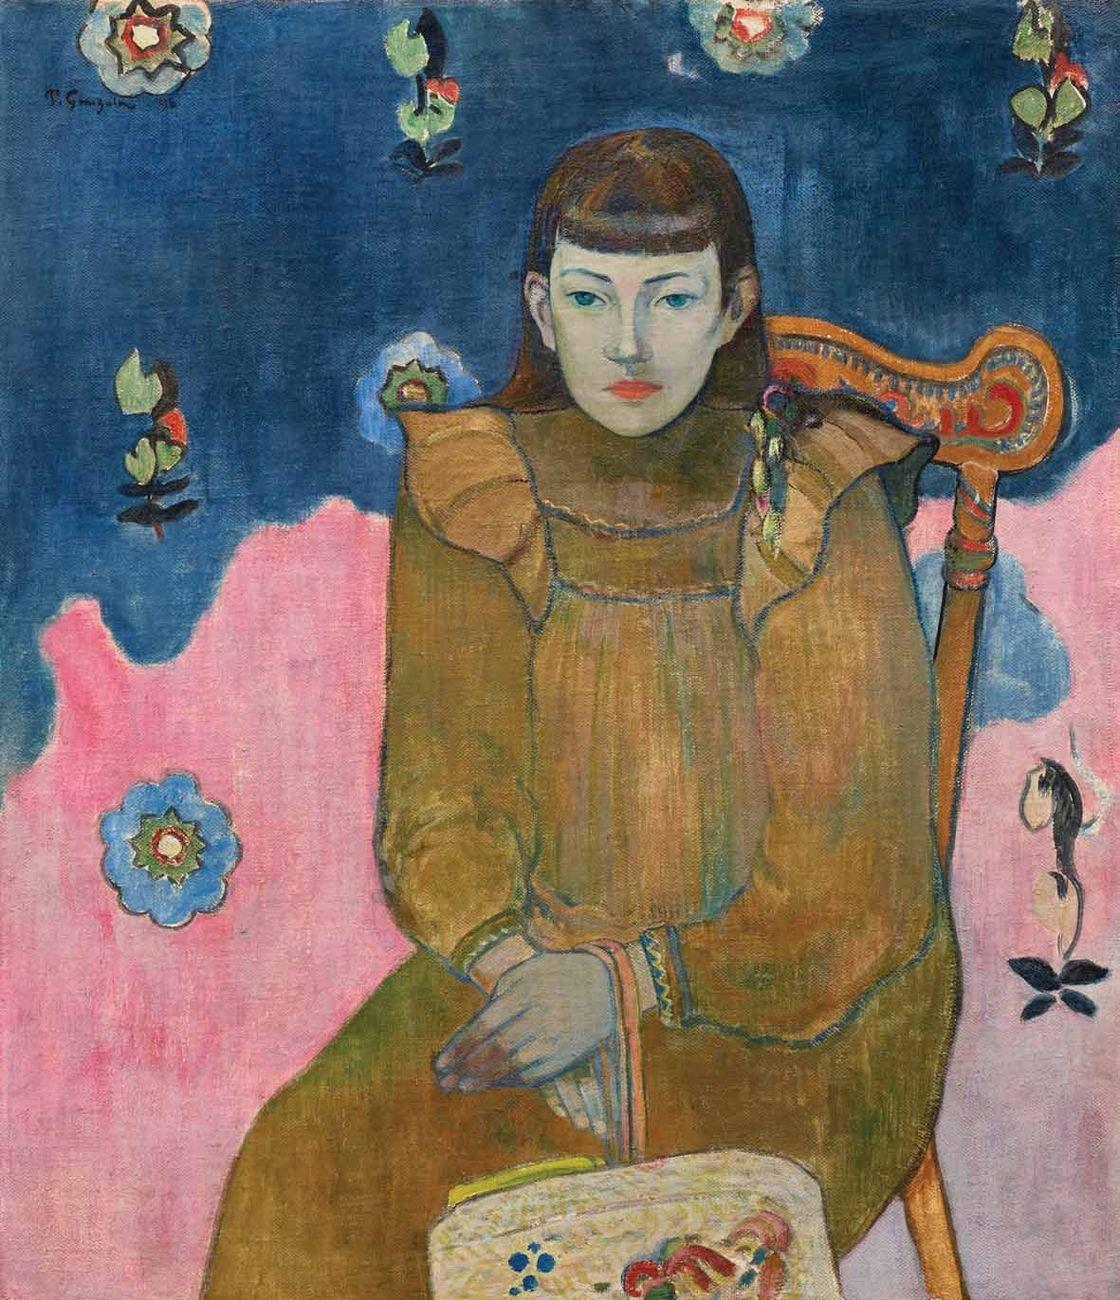 Paul Gauguin, Ritratto di giovane donna, Vaïte (Jeanne) Goupil, 1896. Ordrupgaard, Copenhagen. Courtesy Palazzo Zabarella